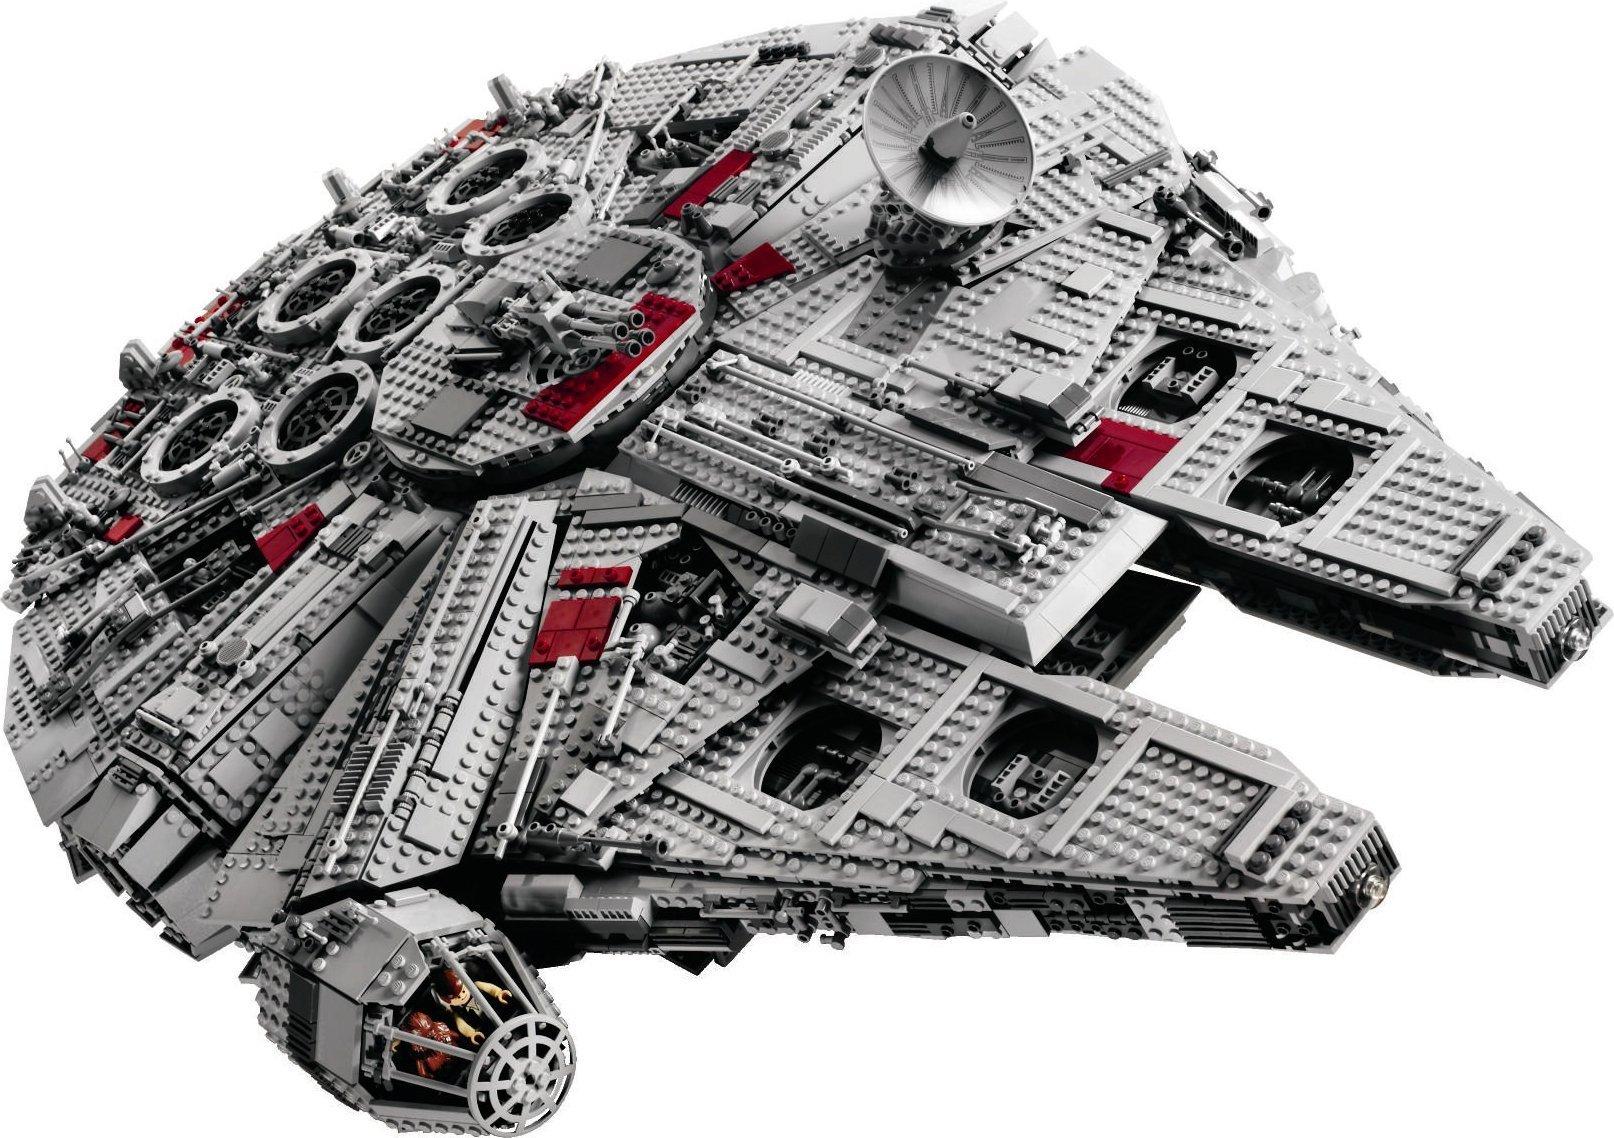 Lego star wars falcon millennium 10179 ремонт стационарного телефона краснотурьинск - ремонт в Москве